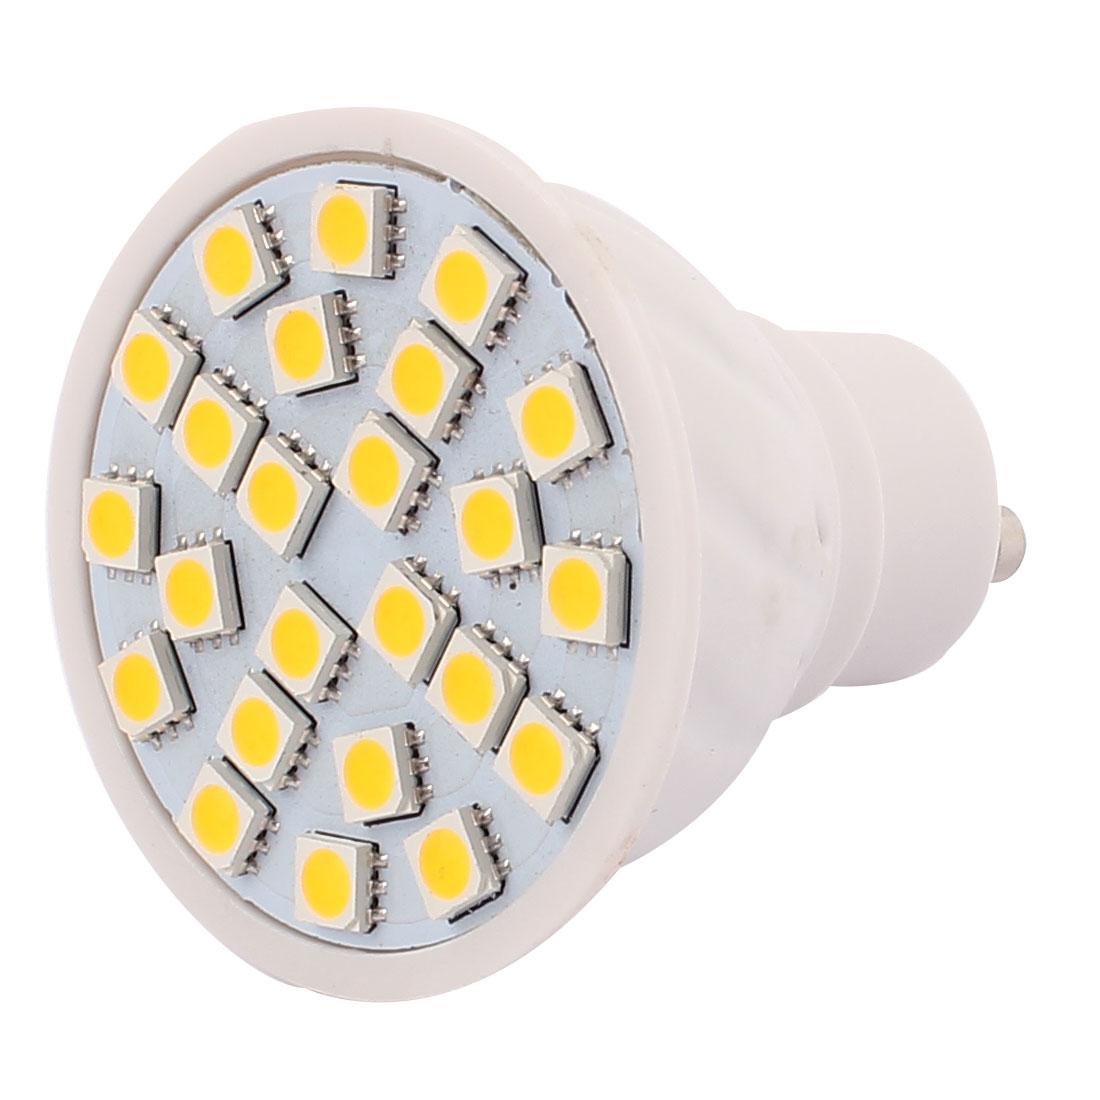 GU10 SMD 5050 24 LEDs AC 220V 3W Plastic Energy Saving LED Lamp Bulb Warm White